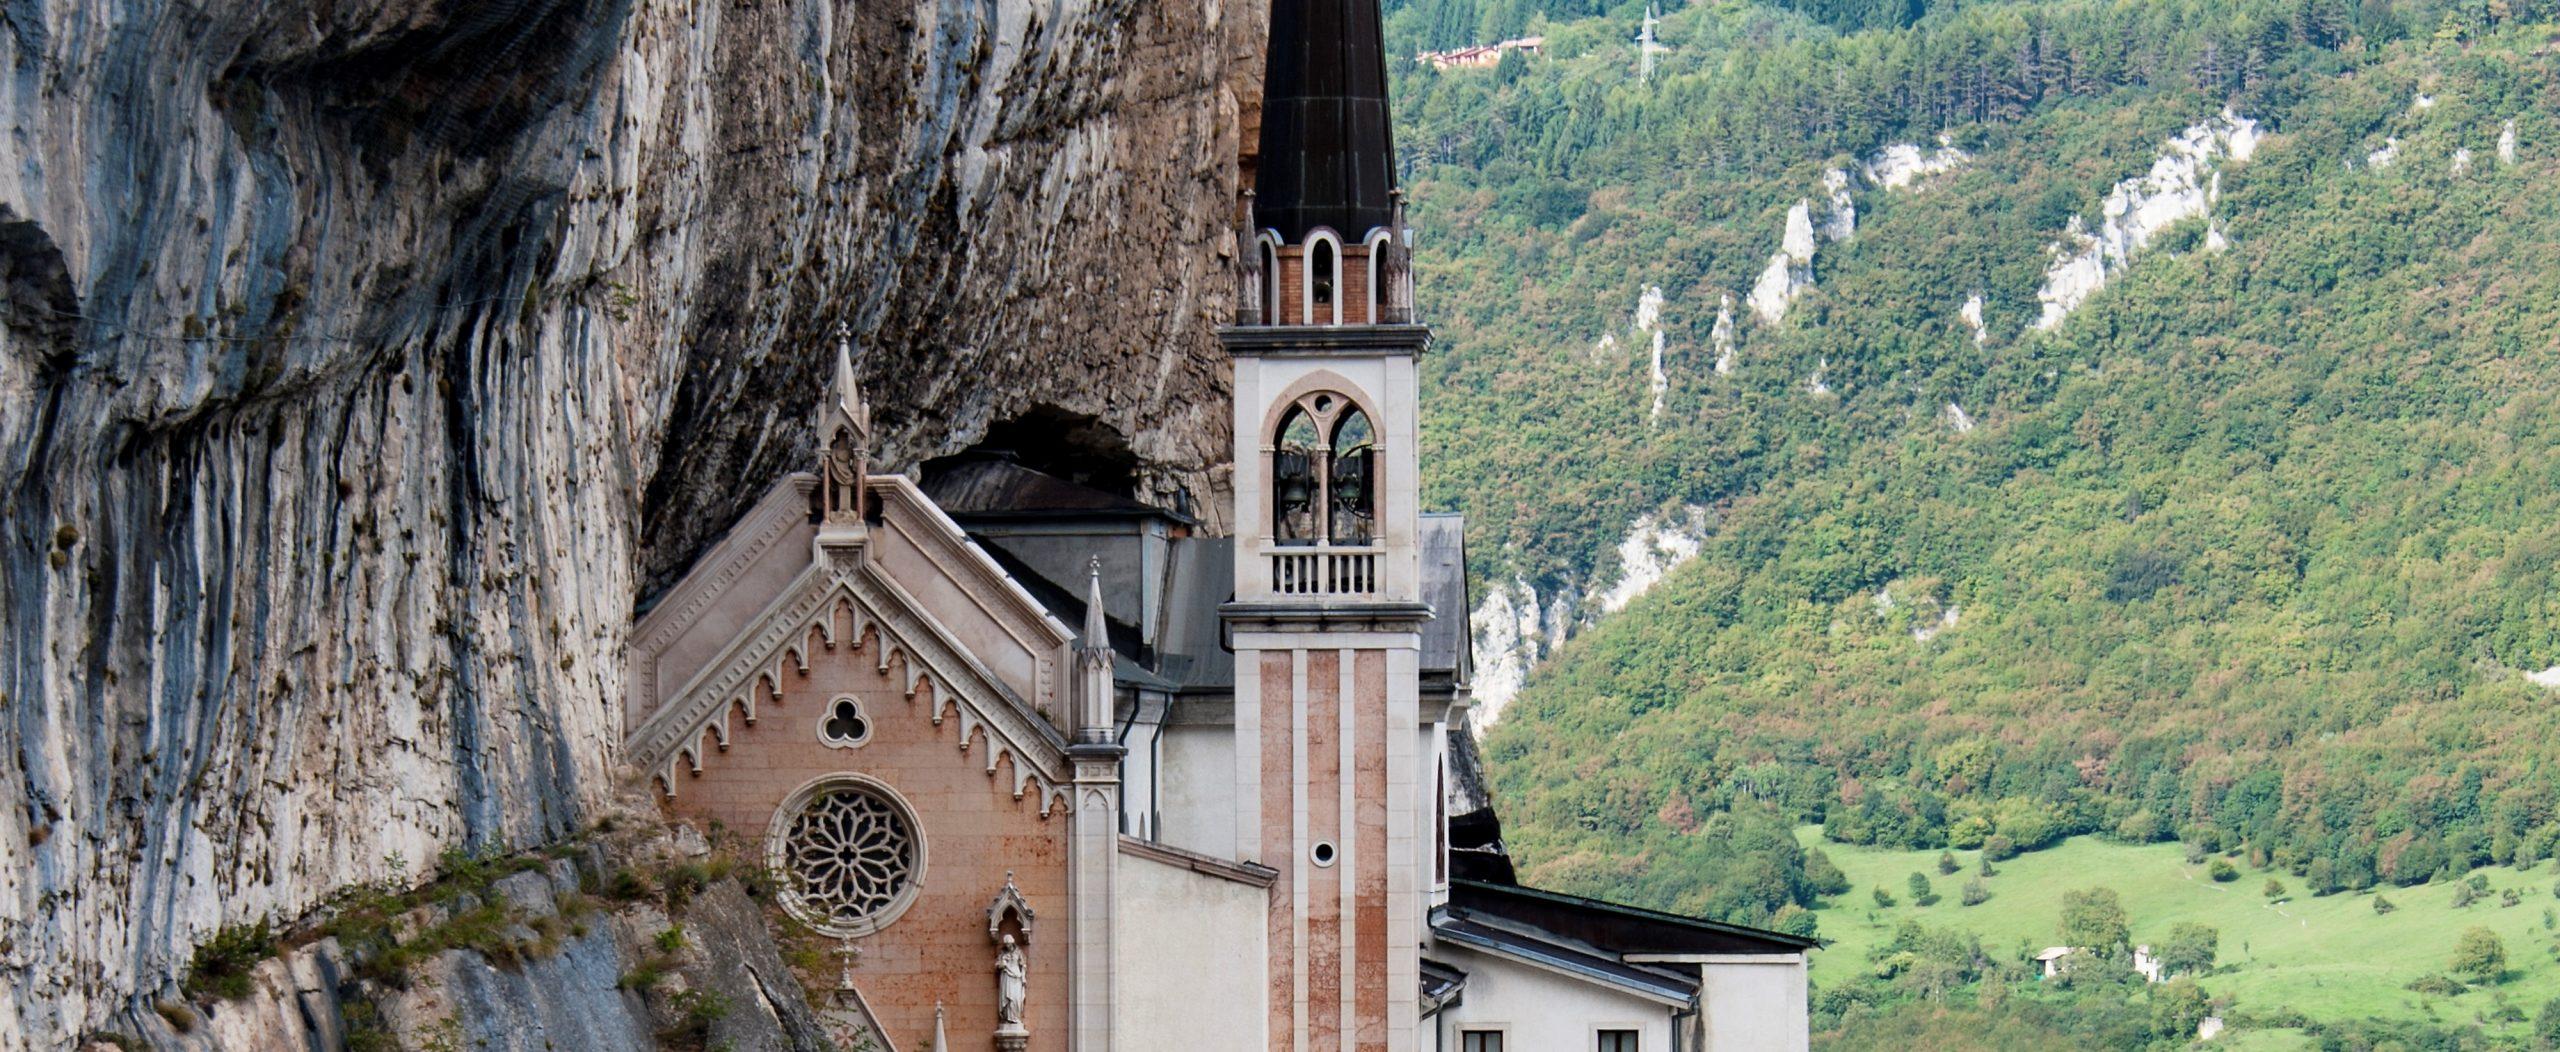 Storybild  die-haengende-bergkirche-in-spiazzi-italien 01